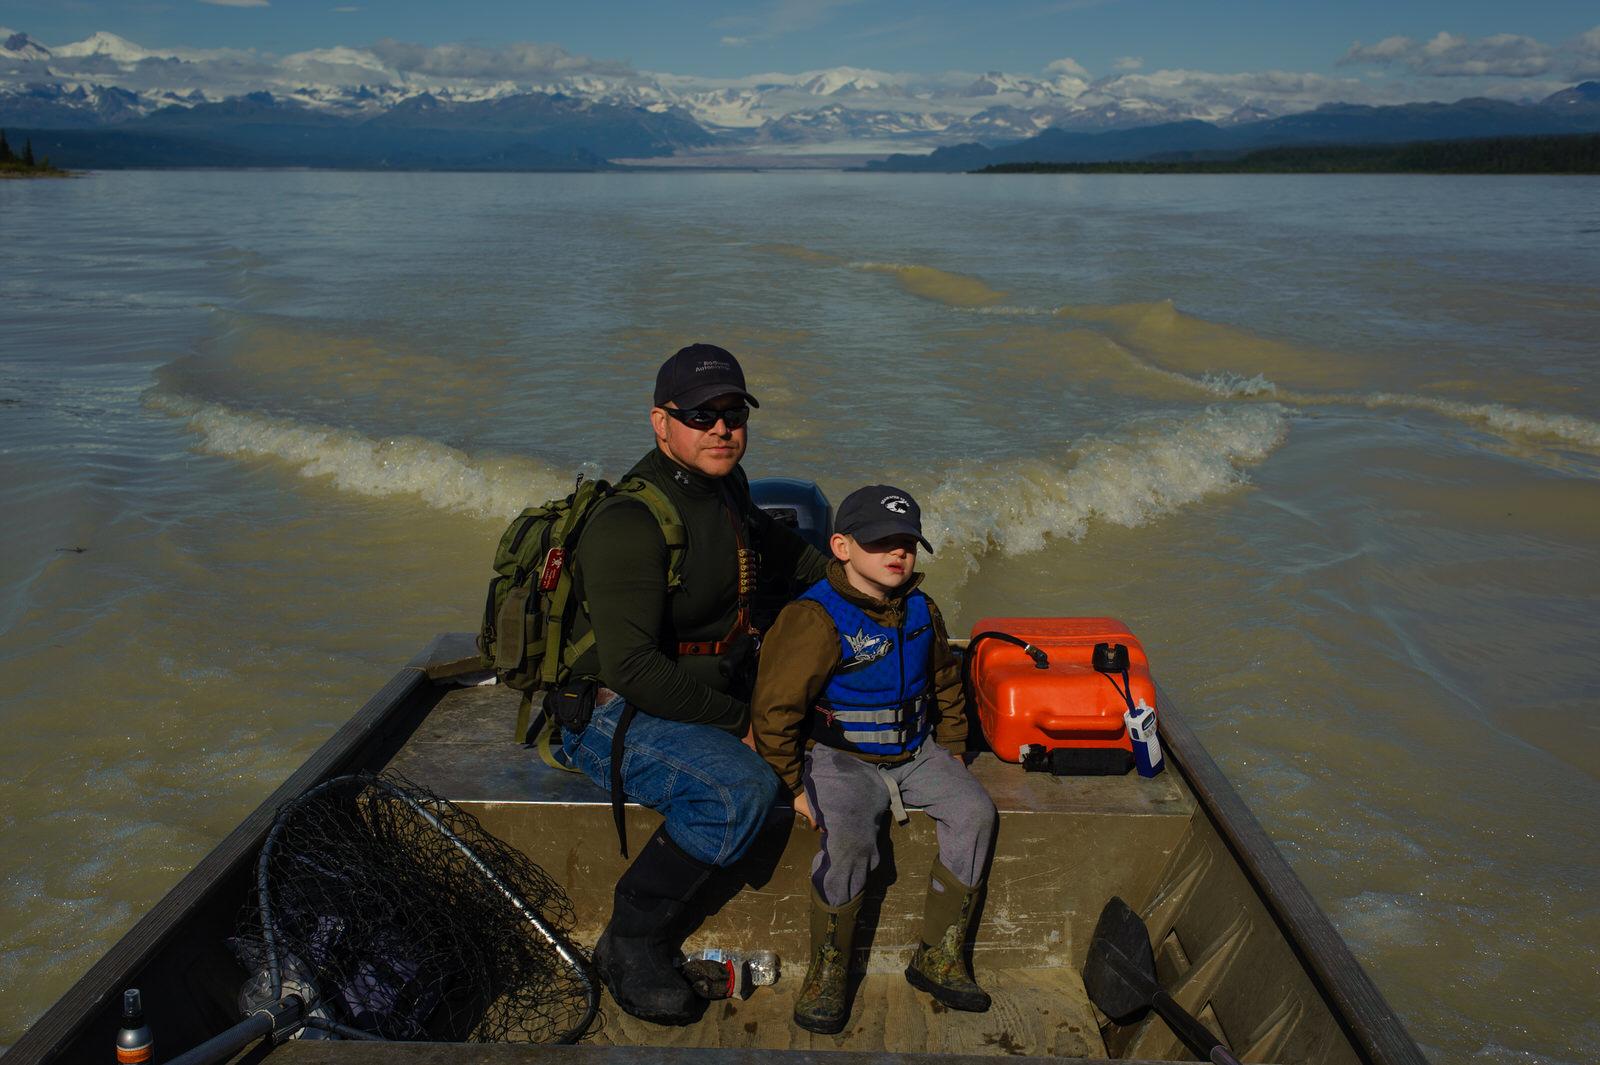 Beluga_lake_alaska_fly_out_fishing_trip (49).jpg